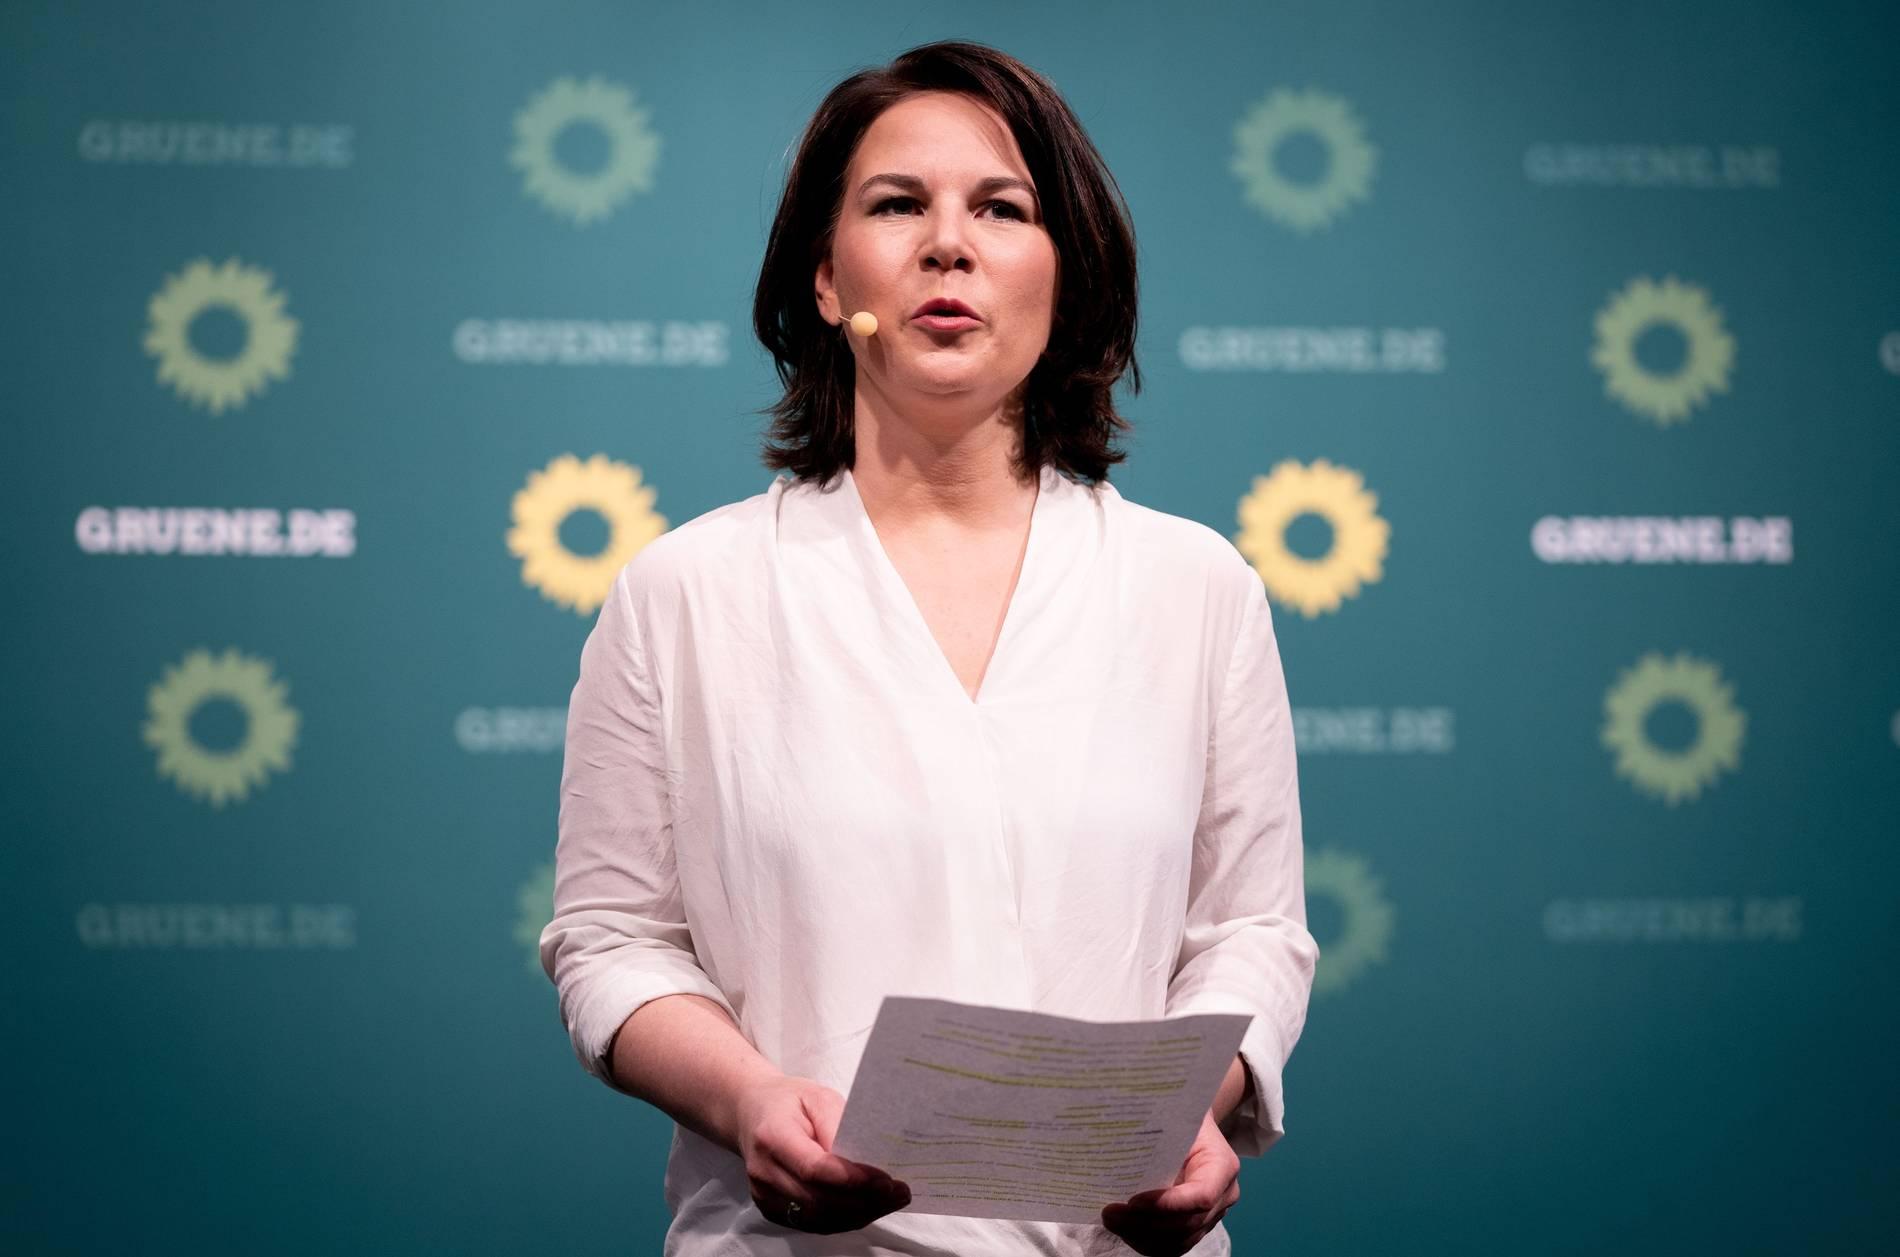 Parteitag der Grünen: Habeck tritt dem Image der Verbotspartei entgegen